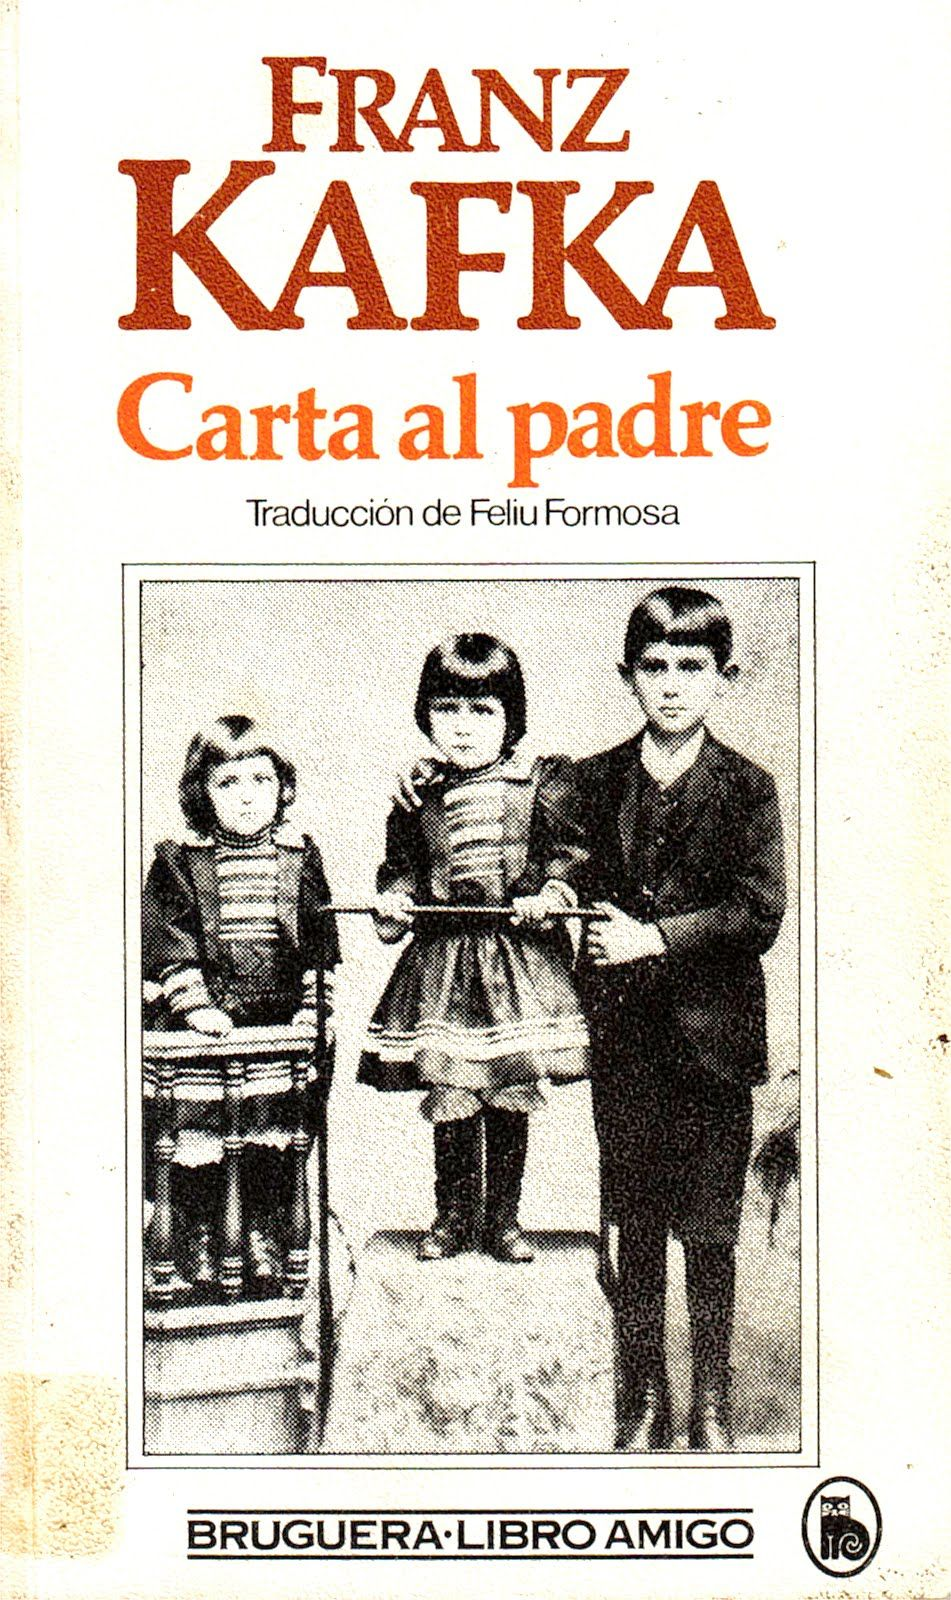 Resultado de imagen de franz kafka libros